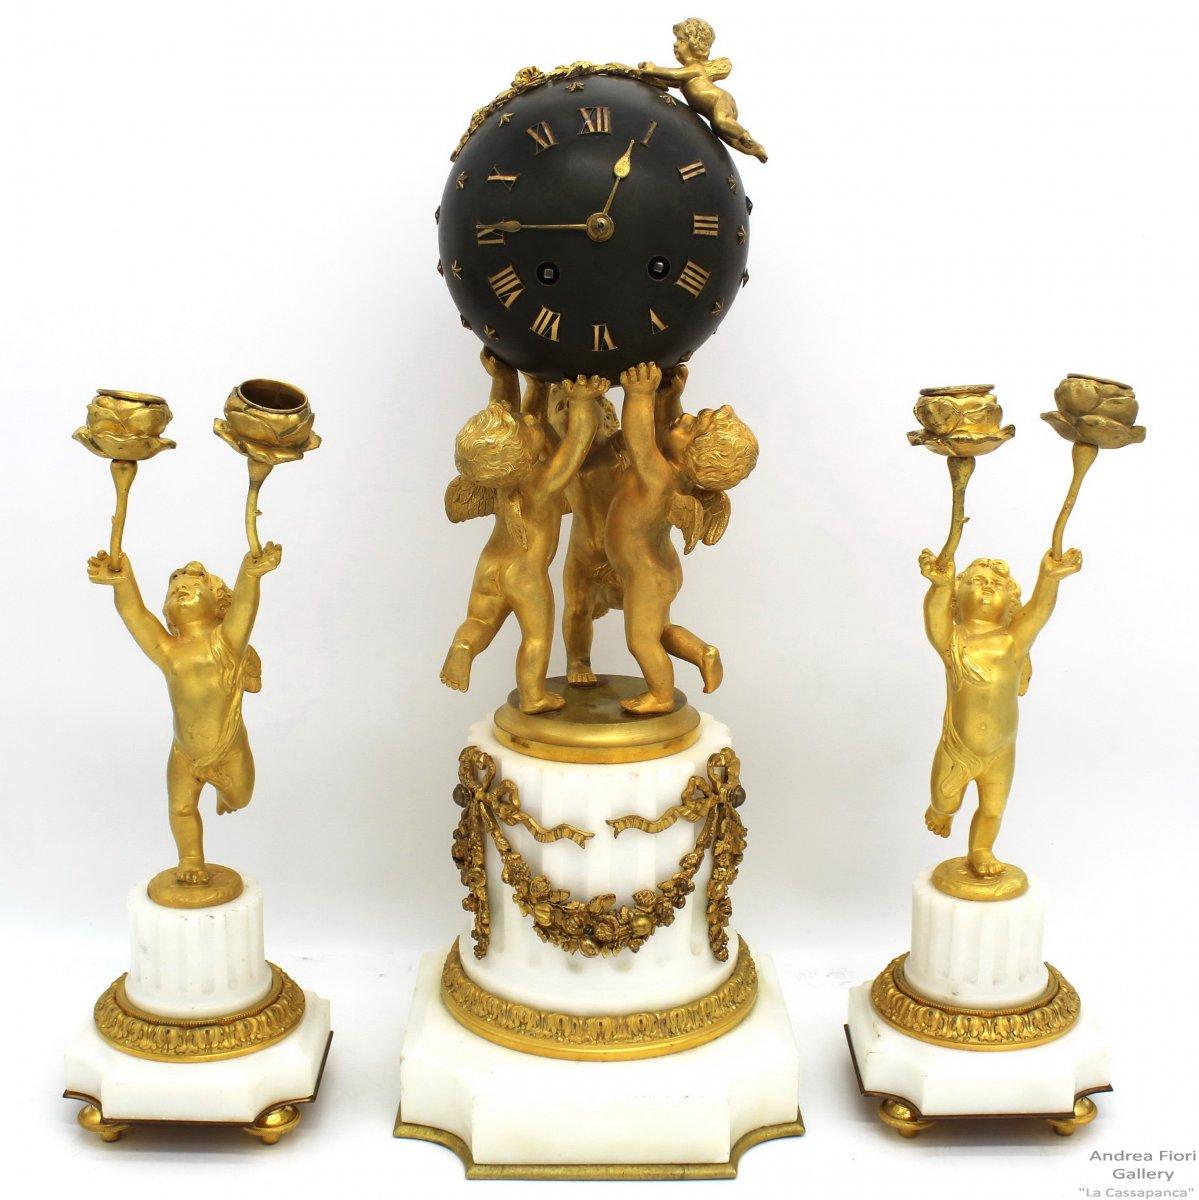 Ancien Garniture - Horloge Pendule et paire Candelabres d'époque Napoleon III bronze doré 19ème